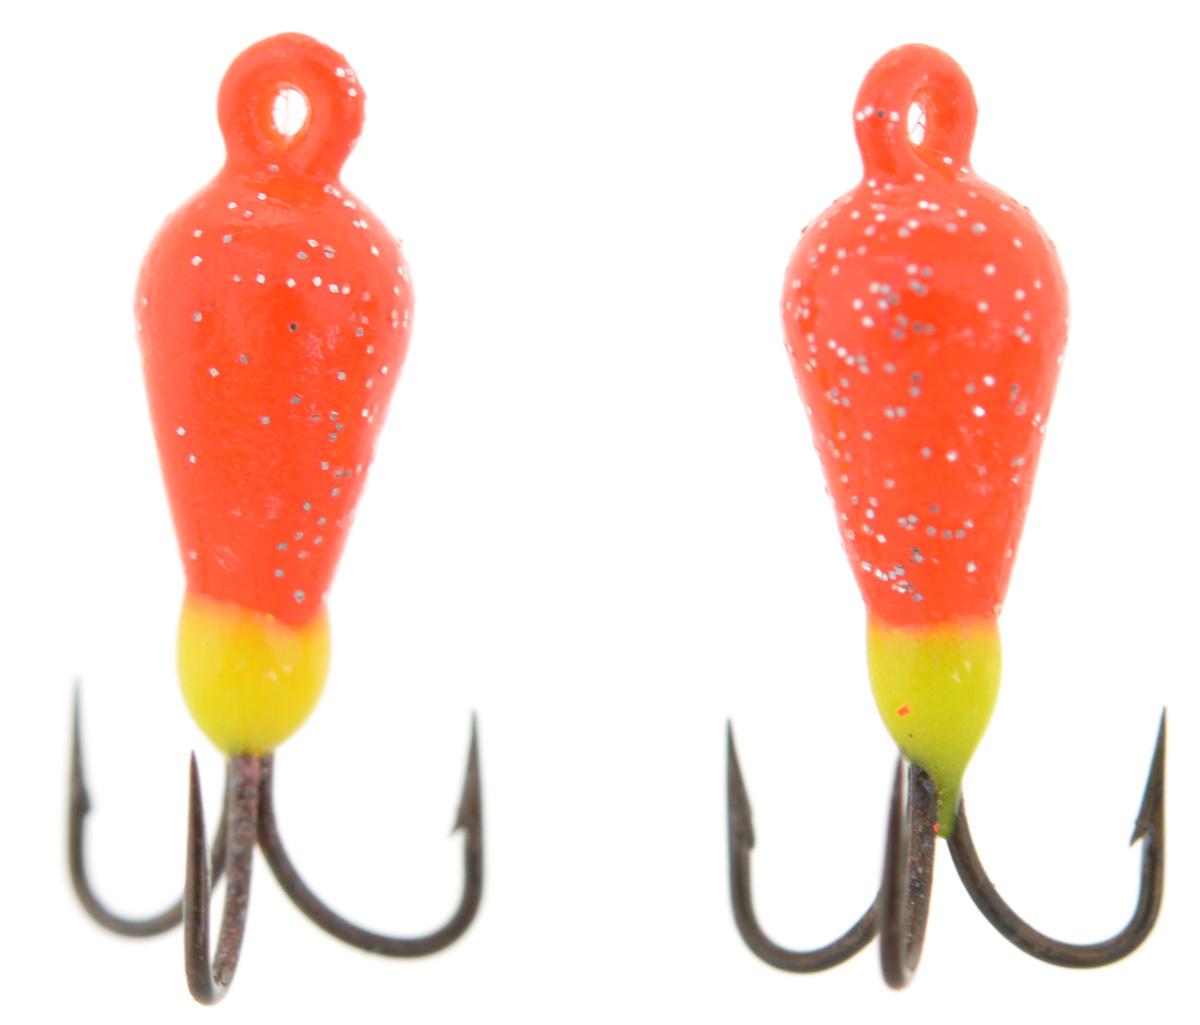 Чертик вольфрамовый Finnex, цвет: оранжевый, салатовый, 0,56 г, 2 шт57591Вольфрамовый чертик Finnex - одна из самых популярных приманок для ловли леща, плотвы и другой белой рыбы. Особенно хорошо работает приманка на всевозможных водохранилищах. Не пропустит ее и другая рыба, в том числе окунь, судак и щука.